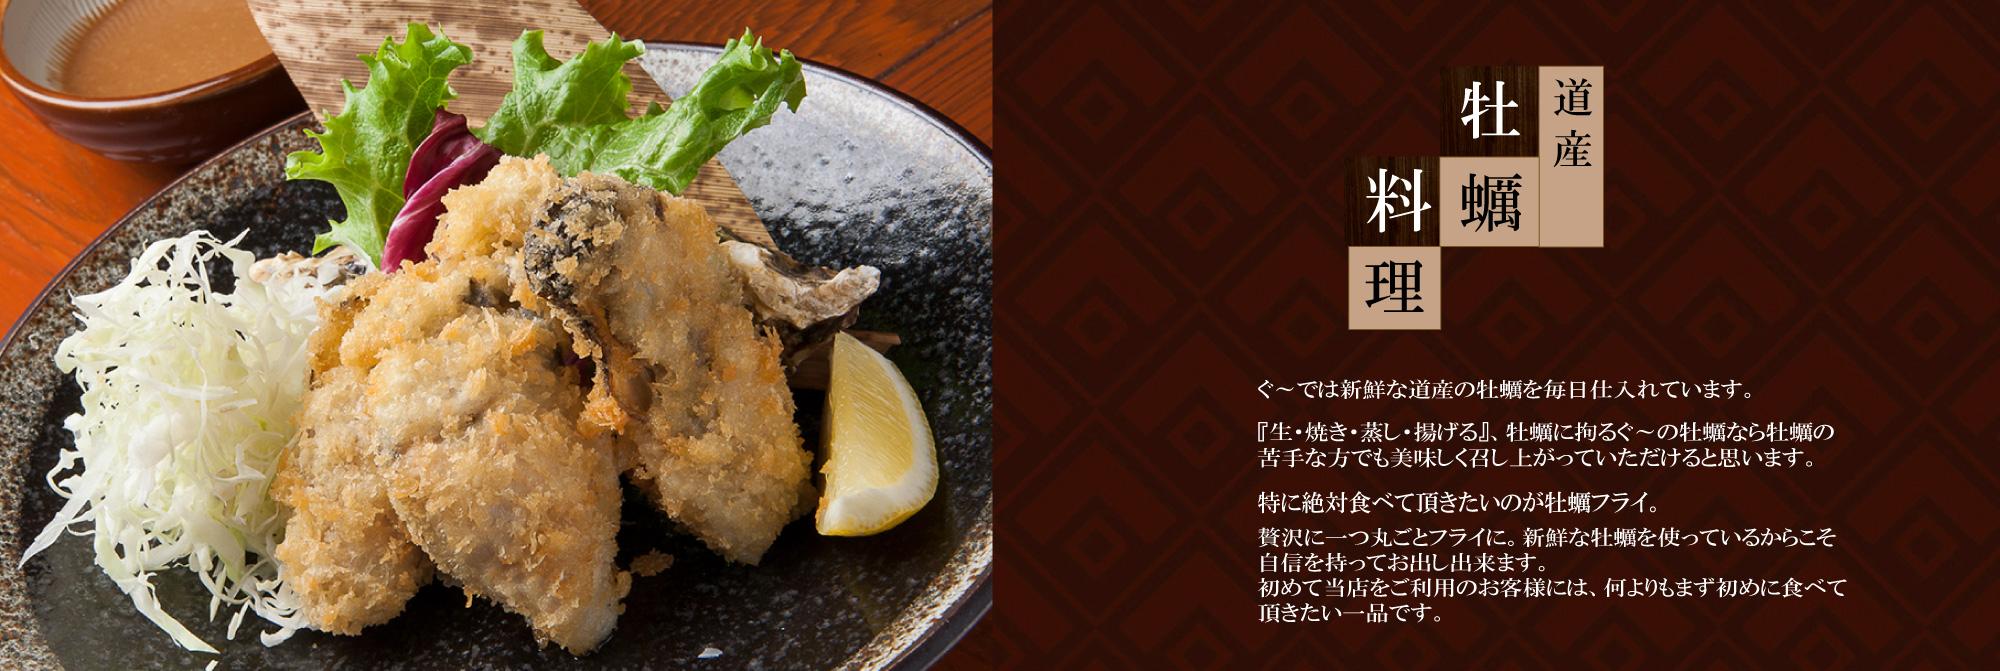 ◆ 特にお勧めなのが道産牡蠣料理  『ぐ~』の牡蠣フライは、他では味わえない『ぐ~』だけの特別な牡蠣フライです。  ぐ~では毎日新鮮な道産牡蠣を仕入れております。 牡蠣自体はもちろん、パン粉、油の温度、揚げ・・・とにかく全てに拘りぬいた、絶品の牡蠣フライです。 生・焼き・蒸し・・・・どれをとっても絶品ですが、中でもぐ~特製味噌を載せた焼き牡蠣は大人気です。   そして、牡蠣のすき焼。これも、つねに牡蠣の新しい旨さを追求しているからこそ生まれた絶品料理です。  〆のカレー雑炊も超おすすめです! 『ぐ~』の牡蠣料理はカキが苦手な方でもきっと食べていただけると思います。  生・蒸し・焼き牡蠣は1個150円で、牡蠣フライと味噌焼きは380円でご提供しております!